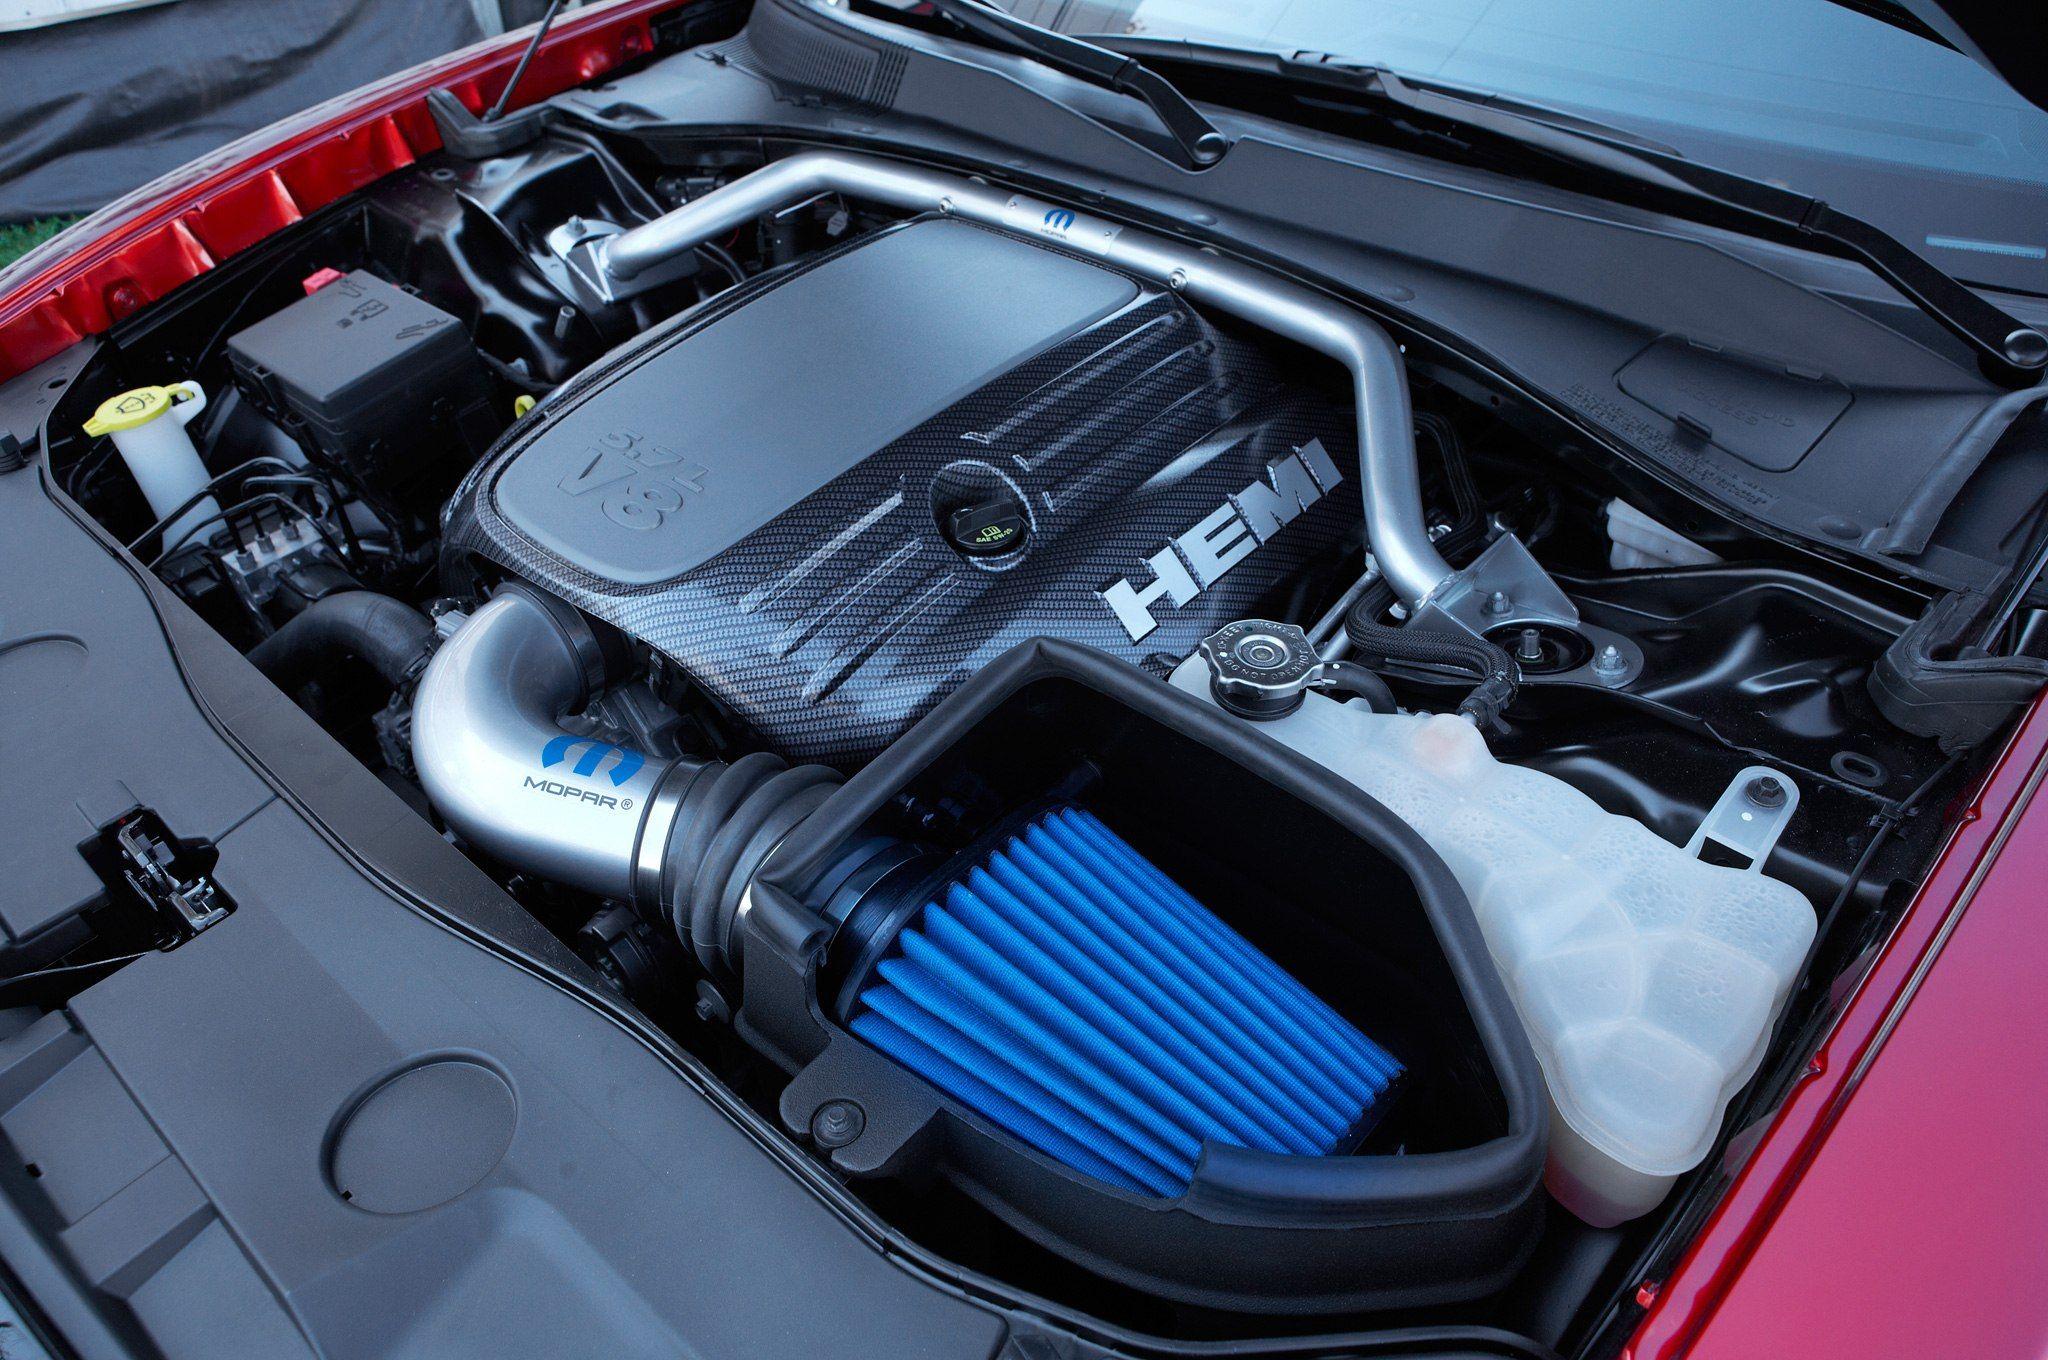 2008 Dodge Charger Rt Horsepower Http Carenara Com 2008 Dodge Charger Rt Horsepower 916 Html 2008 Dodge Charger Overview Cargurus Intended For 2008 Dodg